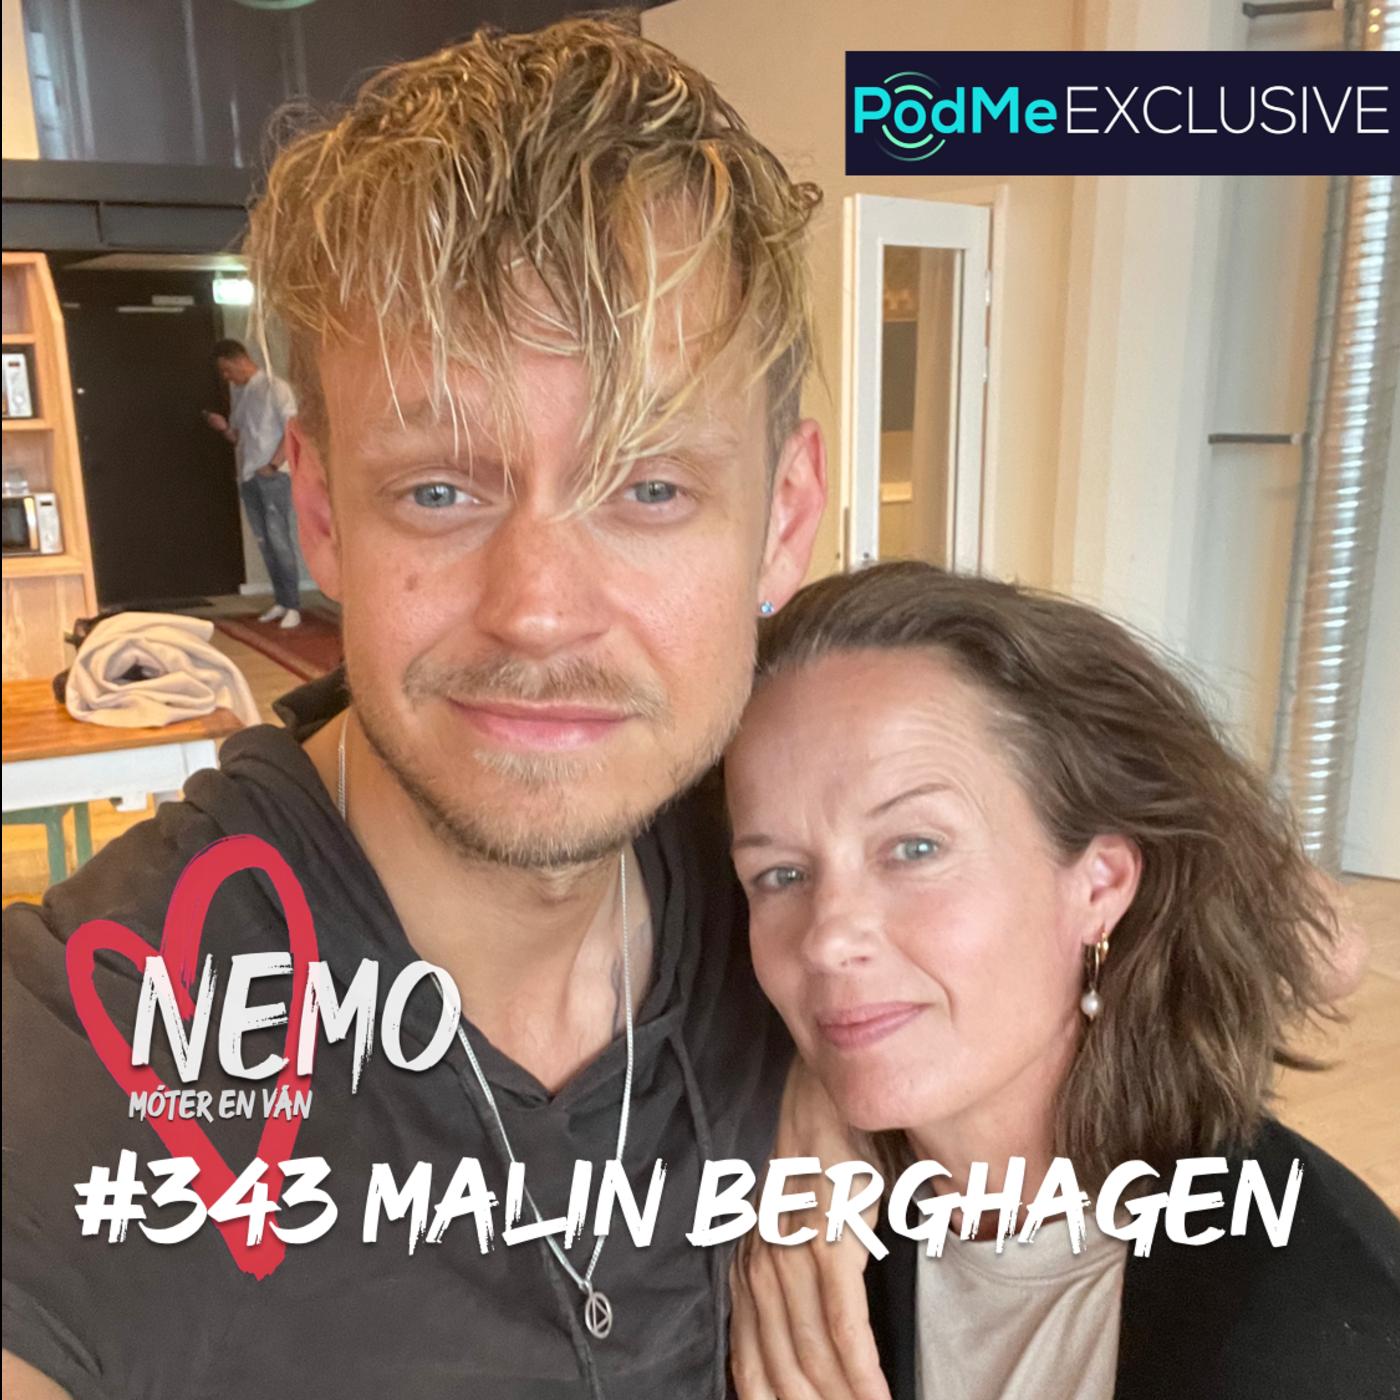 343. Malin Berghagen - TEASER